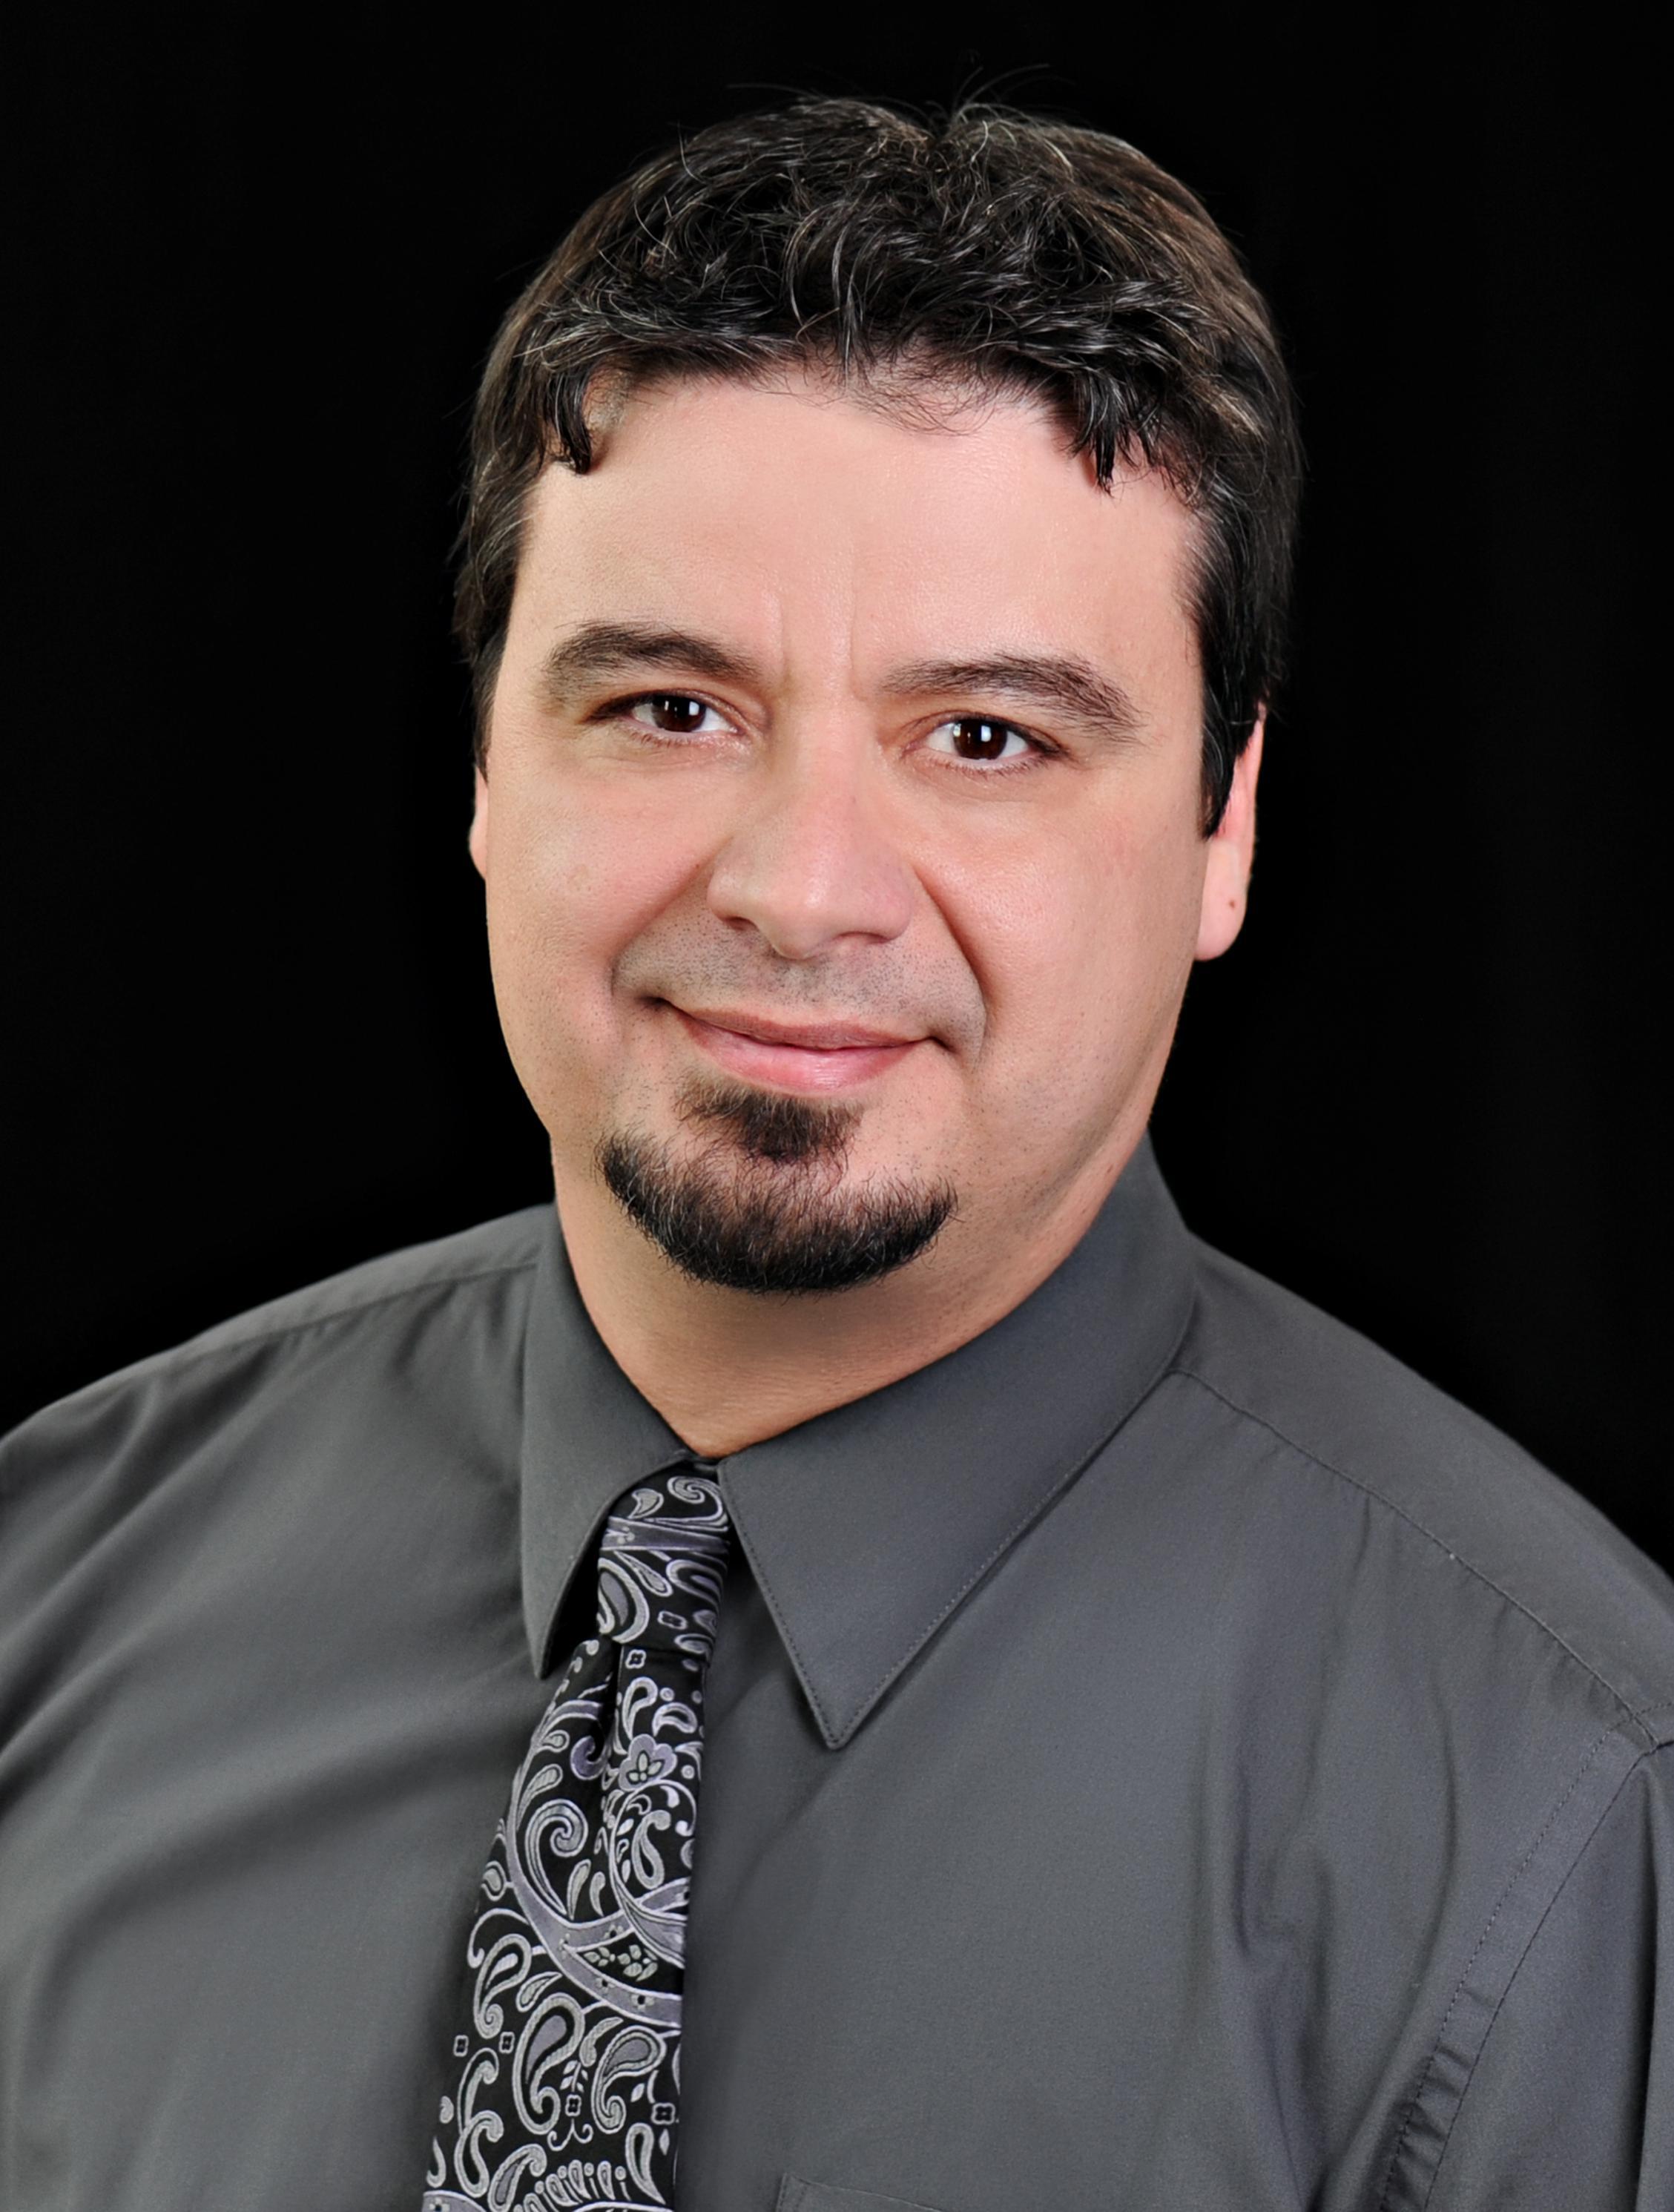 Angelo Da Silva